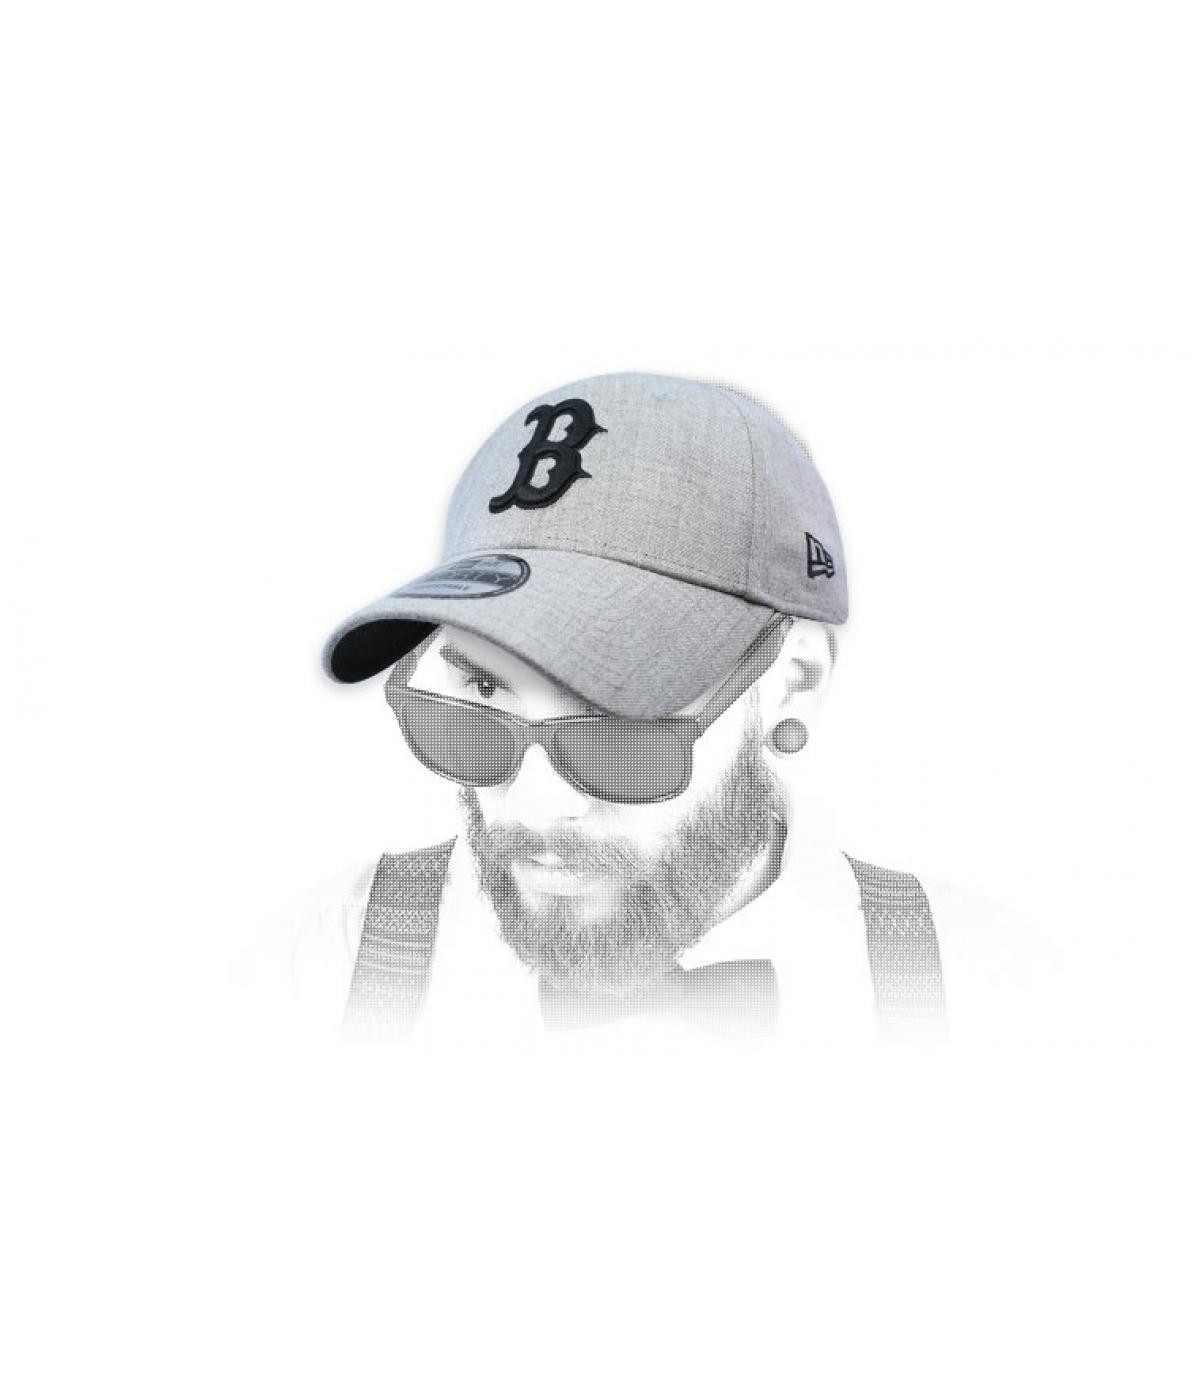 kap B zwart grijs